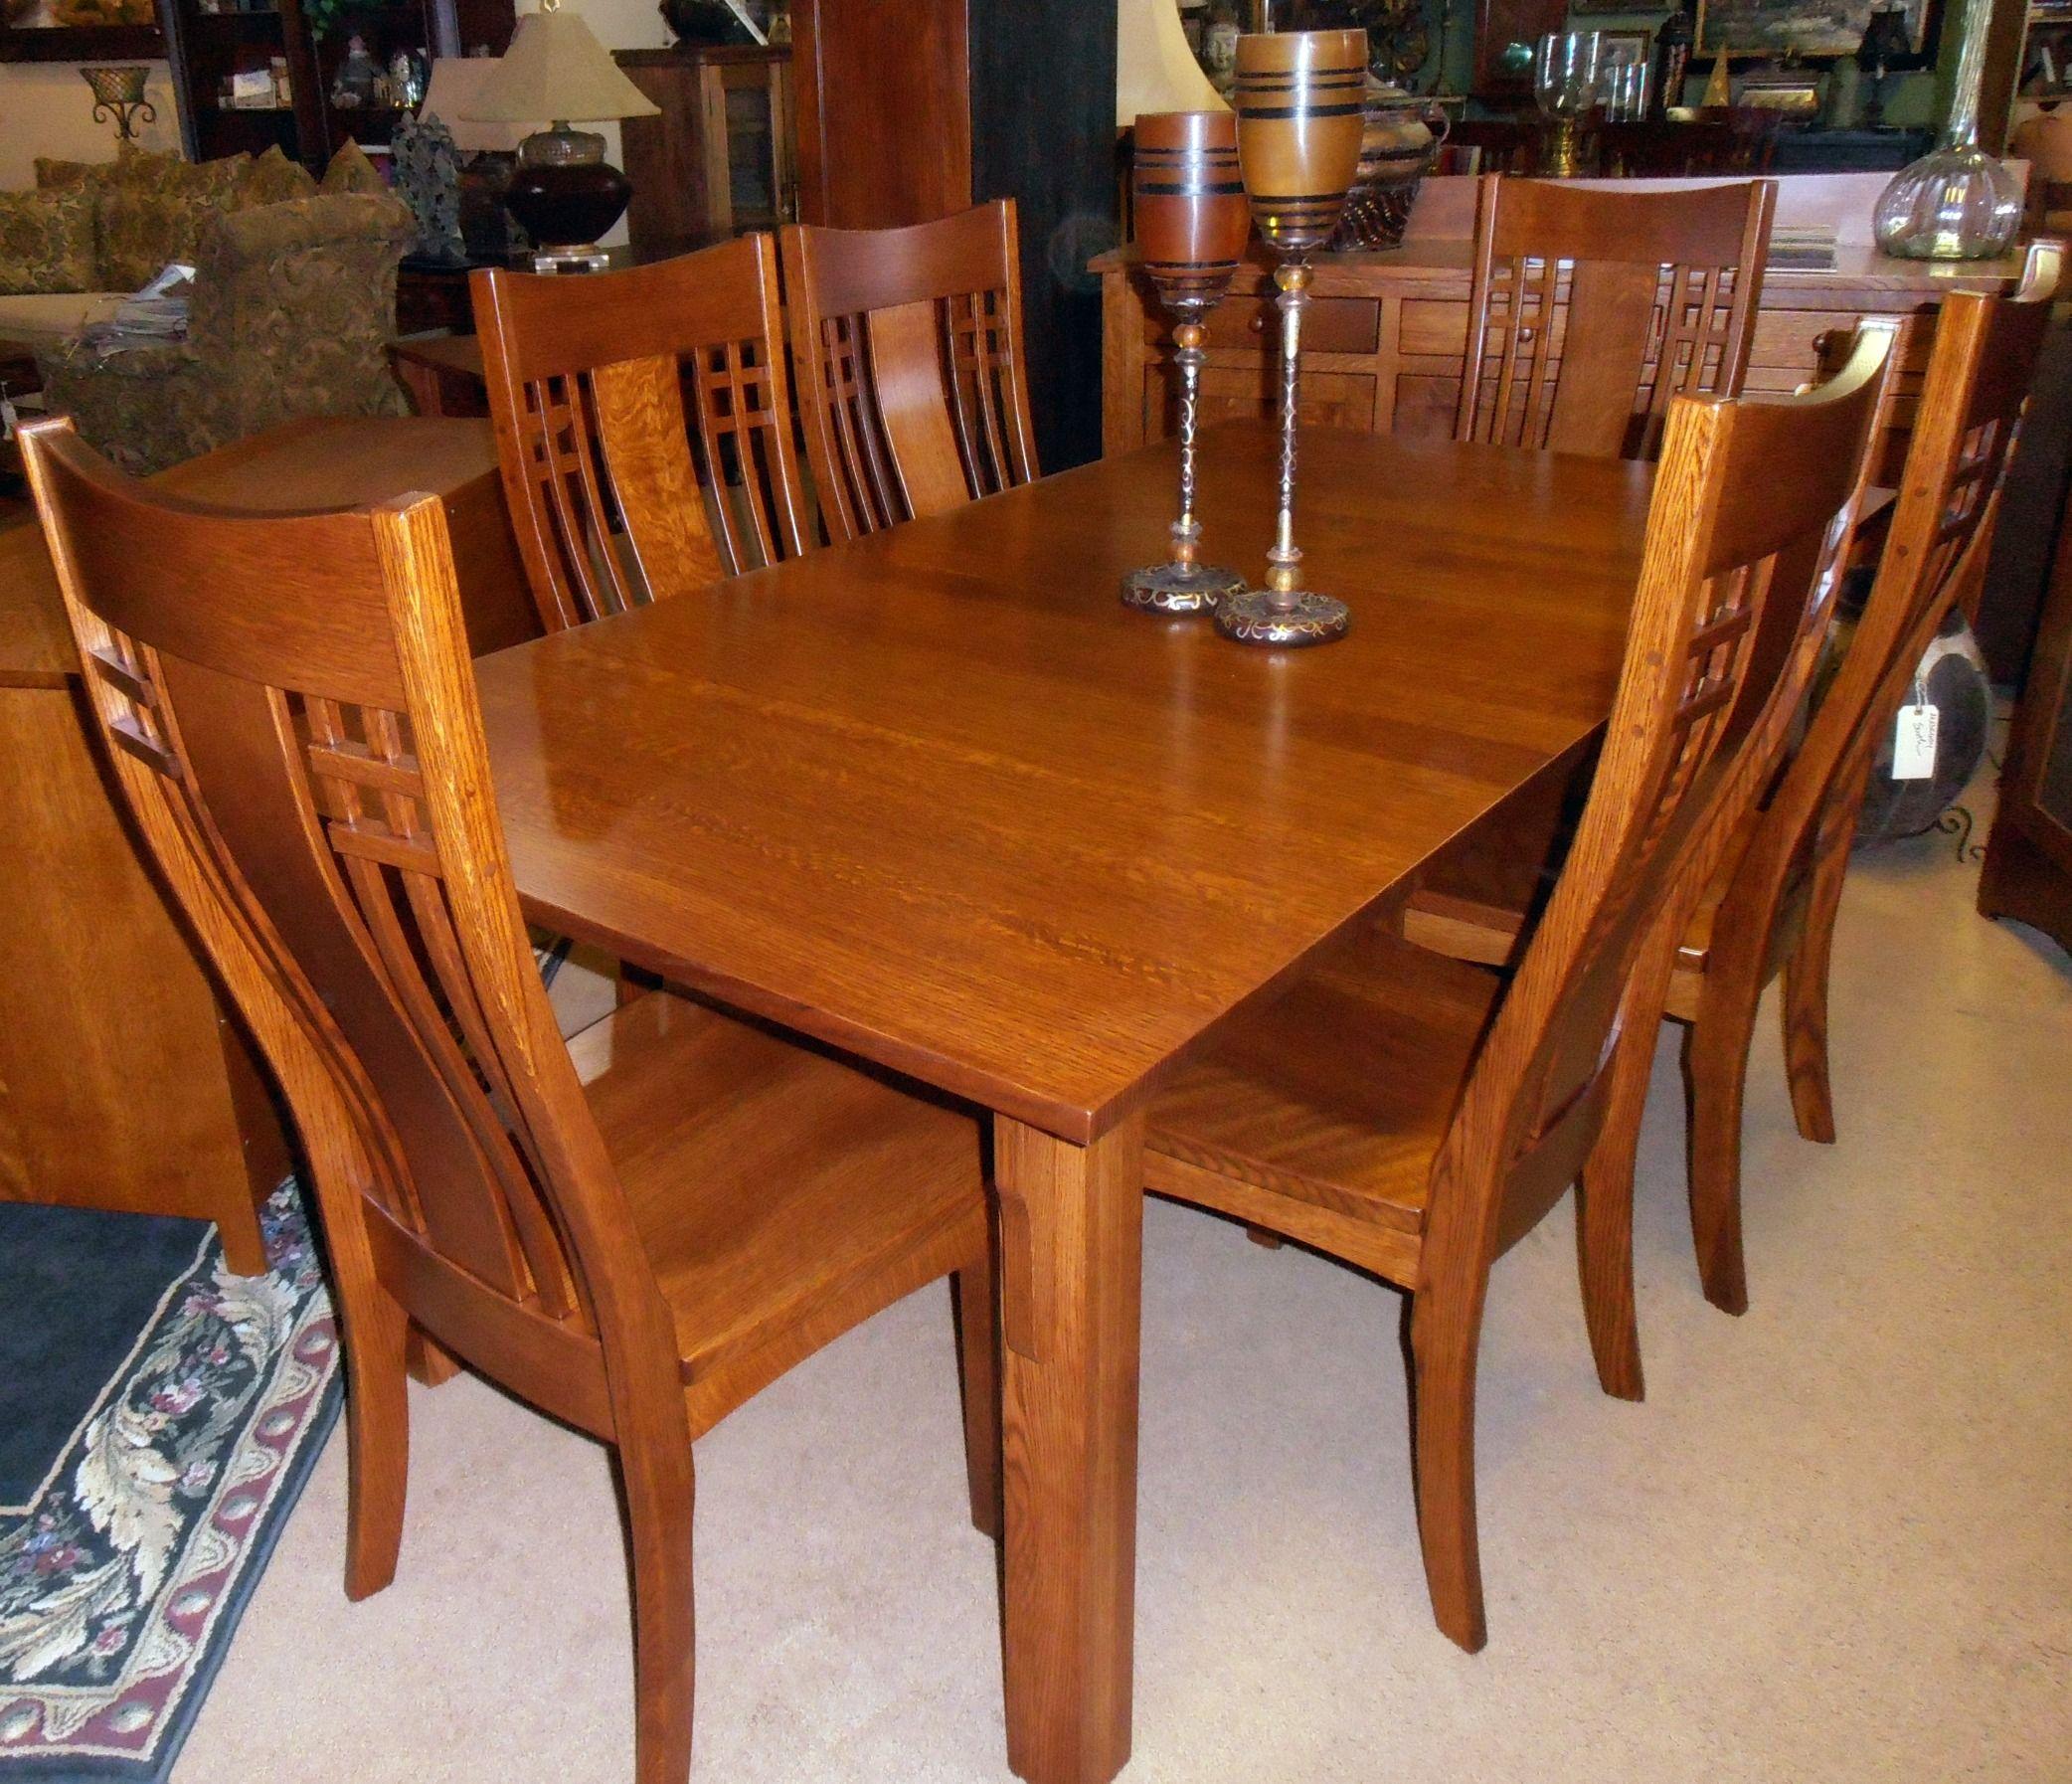 craftsman style dining table craftsman furniture pinterest. Black Bedroom Furniture Sets. Home Design Ideas